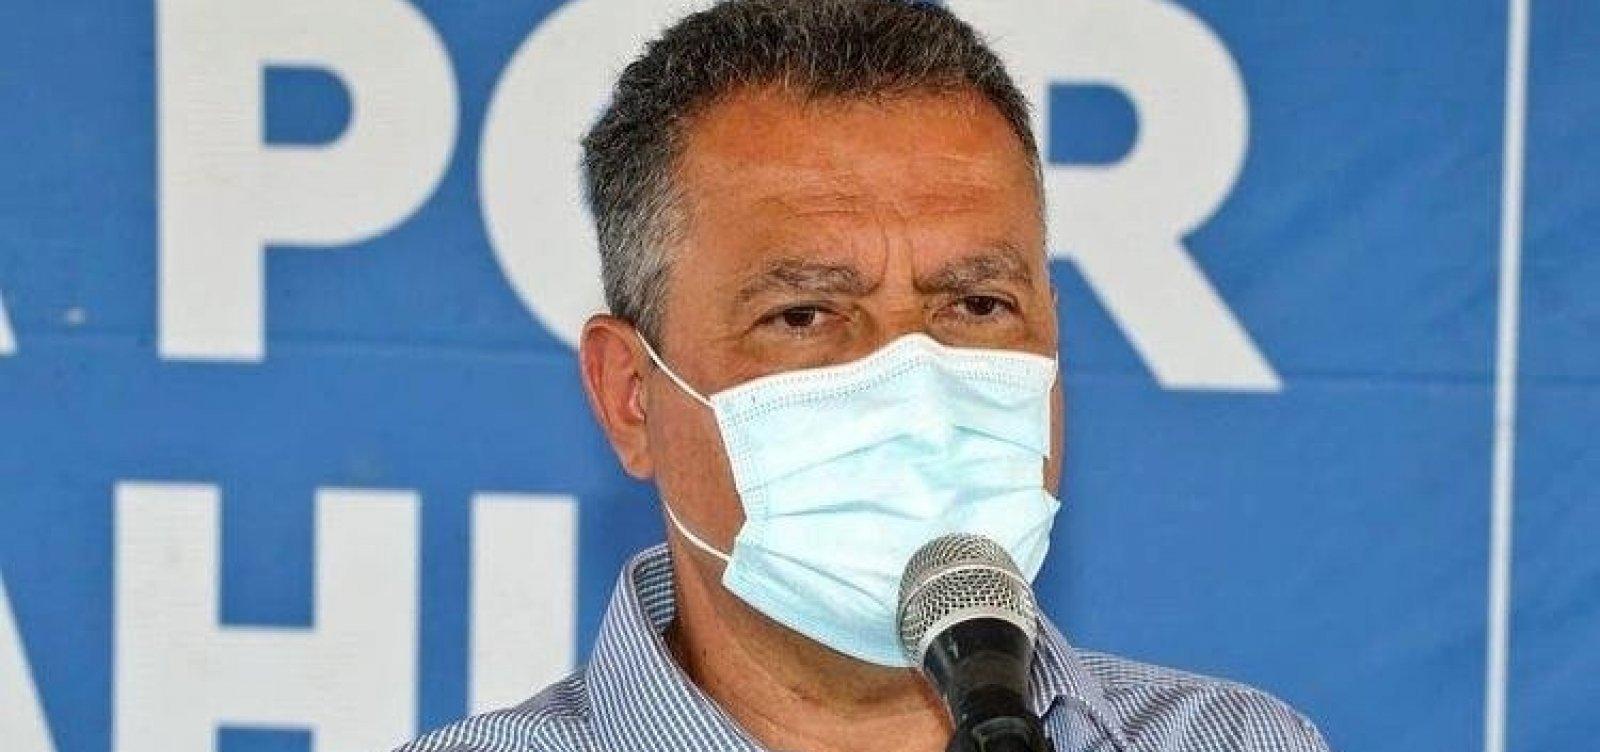 'Não dá para confiar no cronograma anunciado pelo governo federal', diz Rui Costa